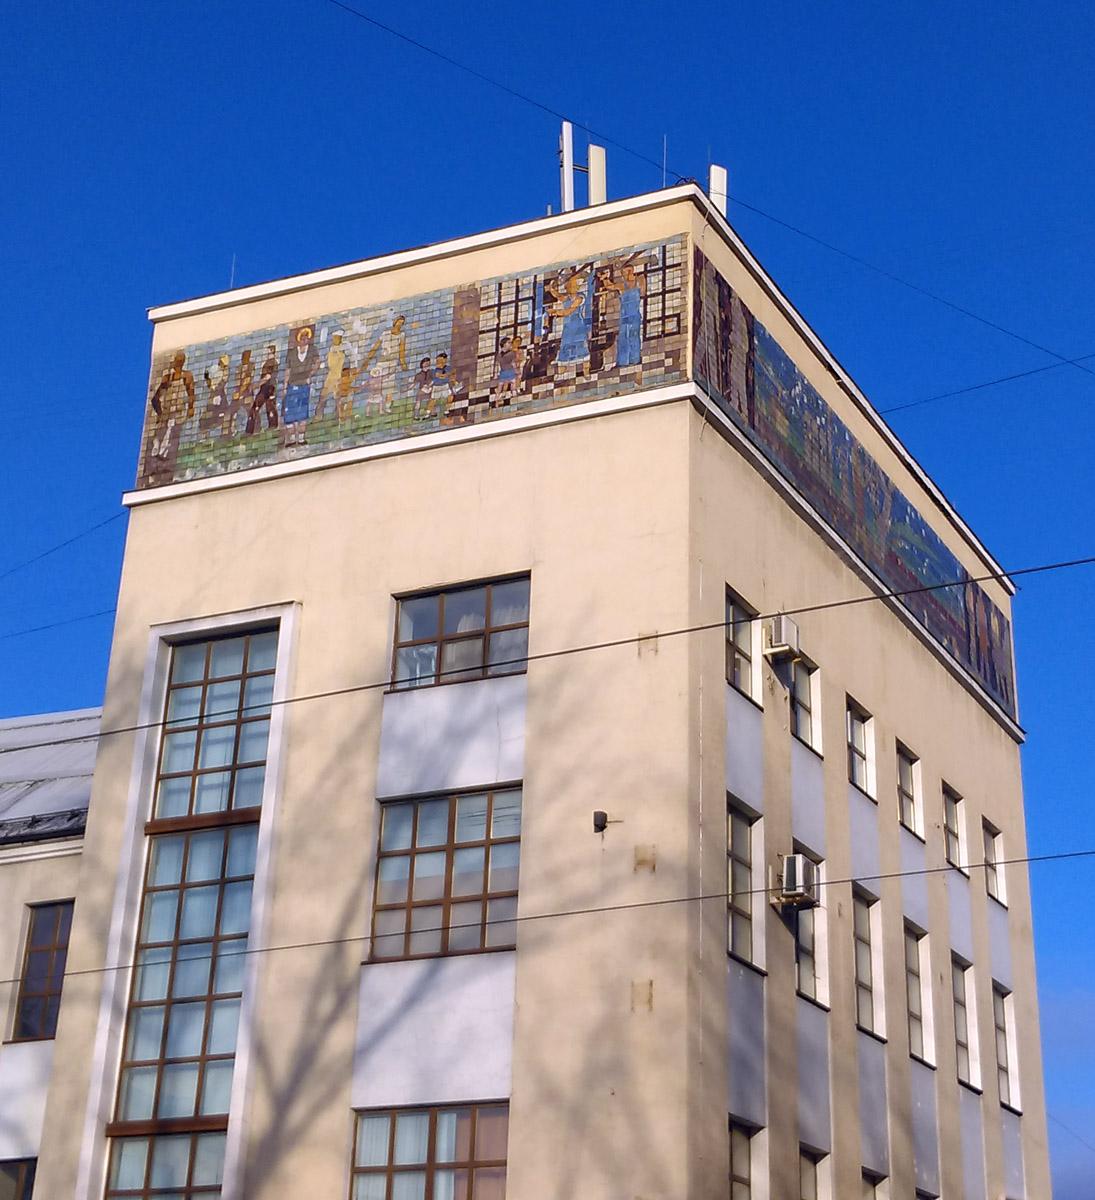 """15 ноября 2018. Кожевнические бани и бассейн были построены в 1931-1933 годах. До 1940-х годов назывались """"Бани №4 Кировского района""""."""